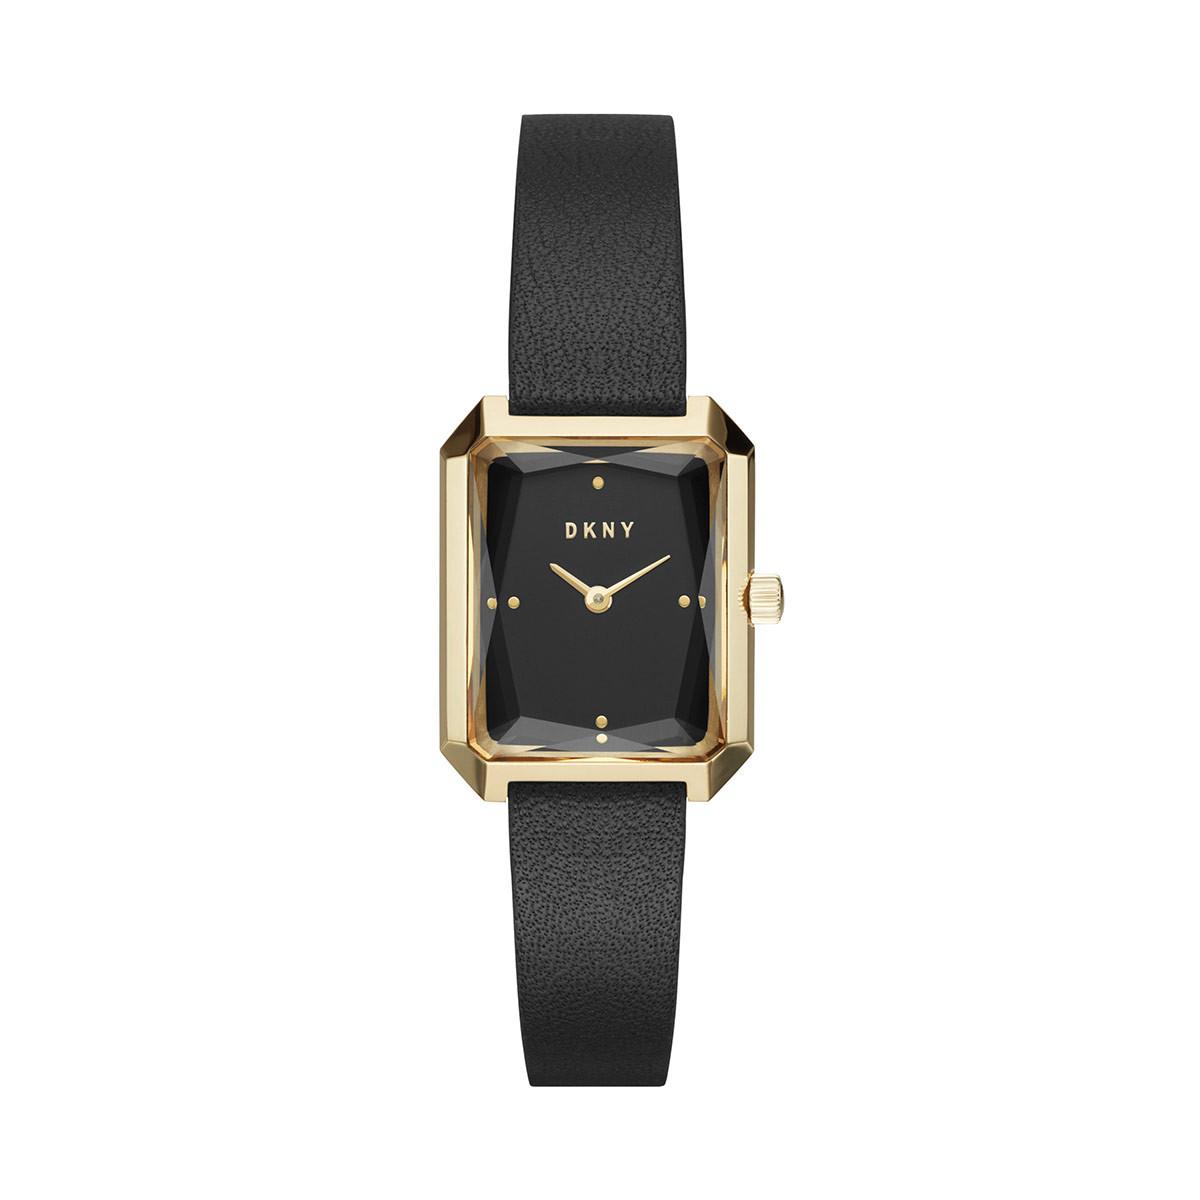 Outlet Amazon Dkny Horloges - Cityspire ORFZZUABW9 Black in zwart voor dames Gratis Verzending Goedkope Online Goede Deals Kopen Goedkope Betalen Met Visa JniPcPGg